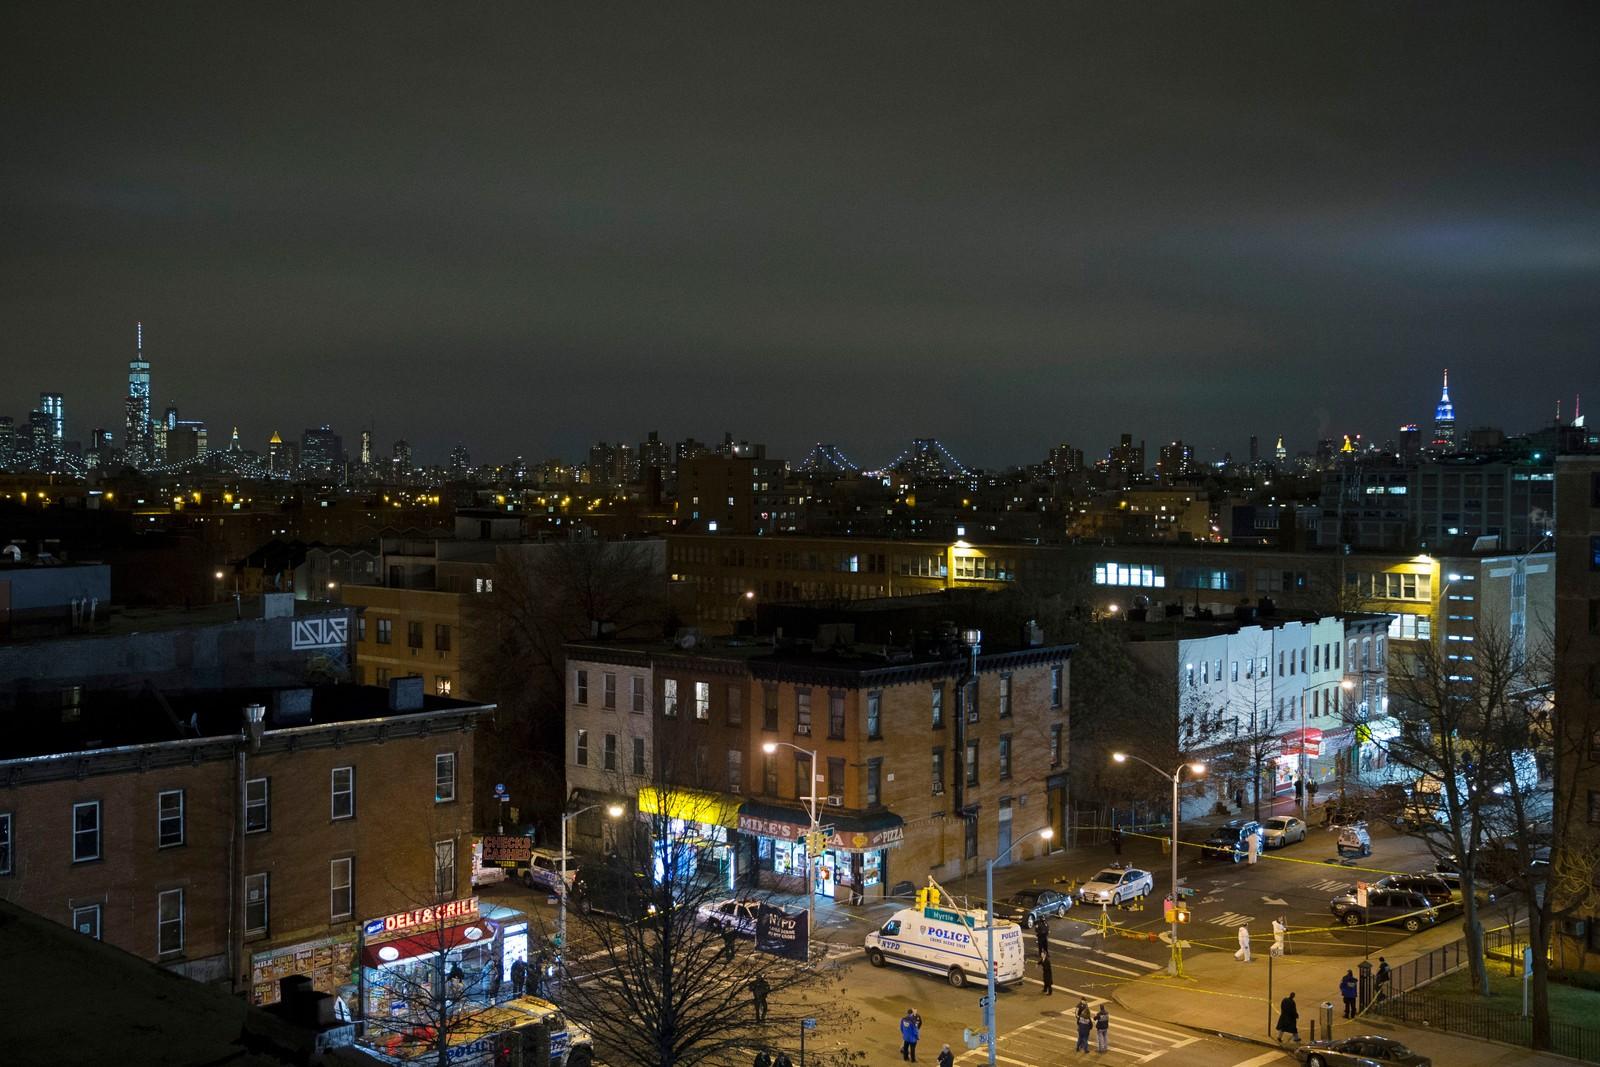 Manhattan skyline ses i bakgrunnen der etterforskere undersøker stedet der to politimenn ble skutt og drept.